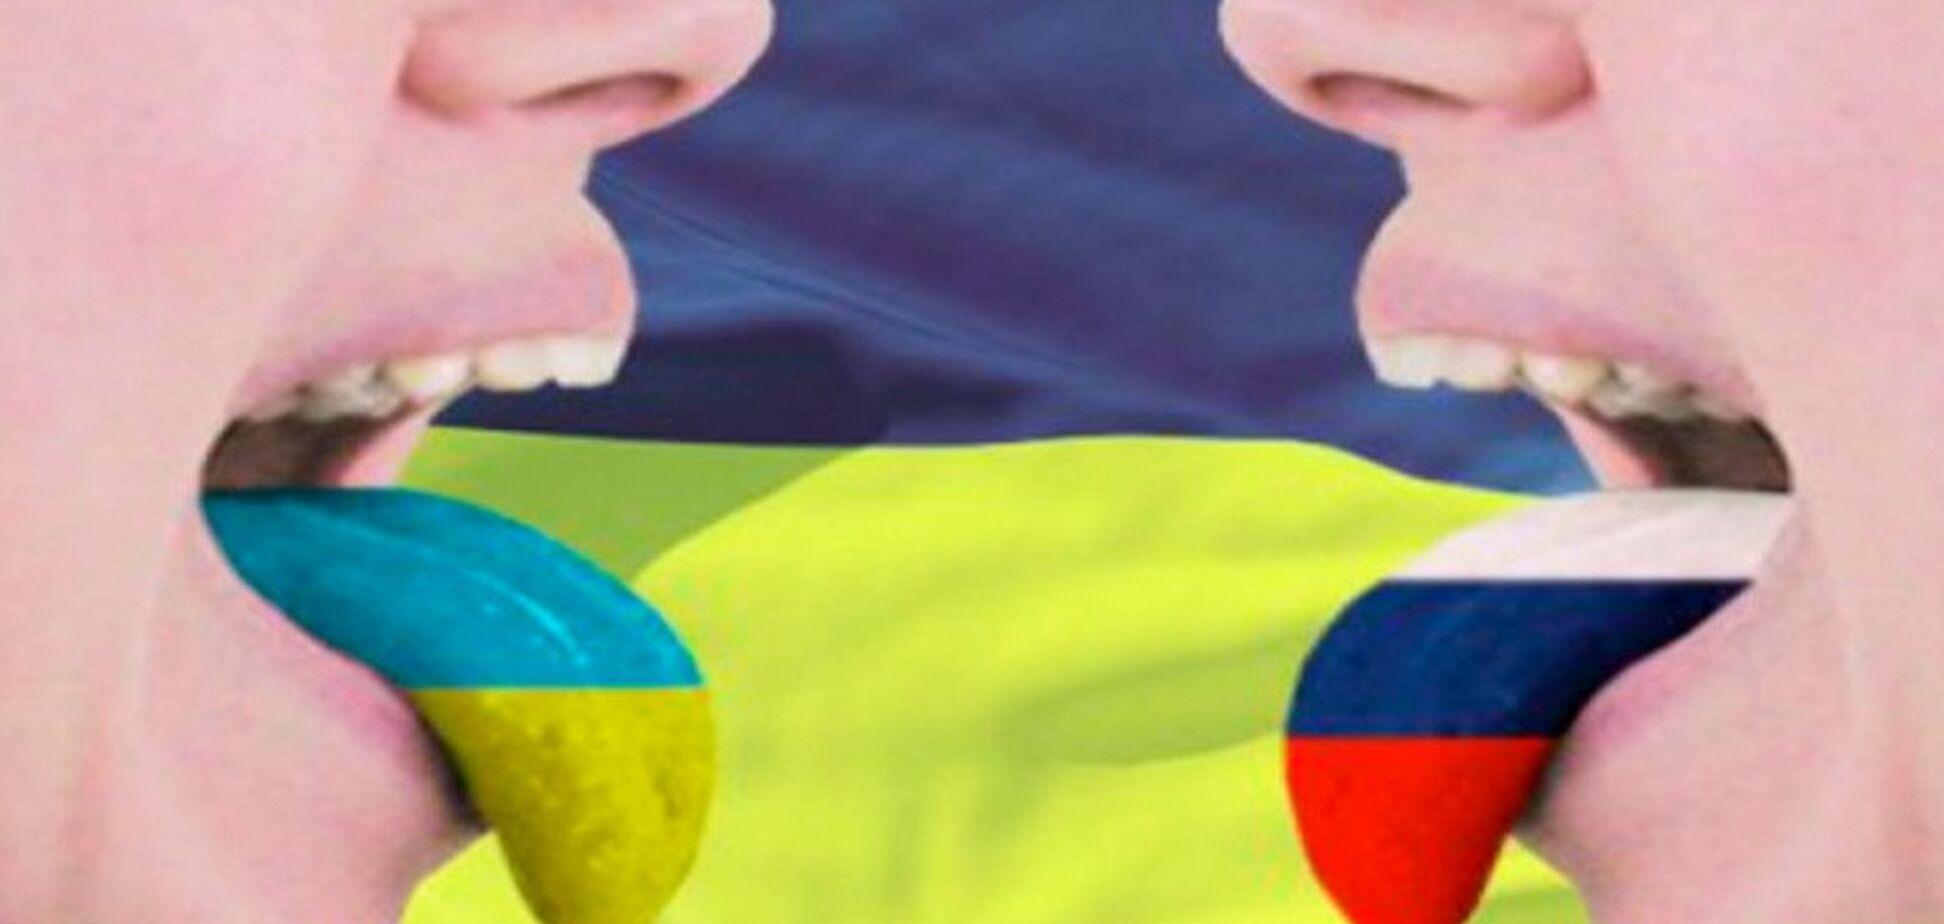 Не bumaga, а papir: популярный блогер четко объяснил разницу между русским и украинским языками